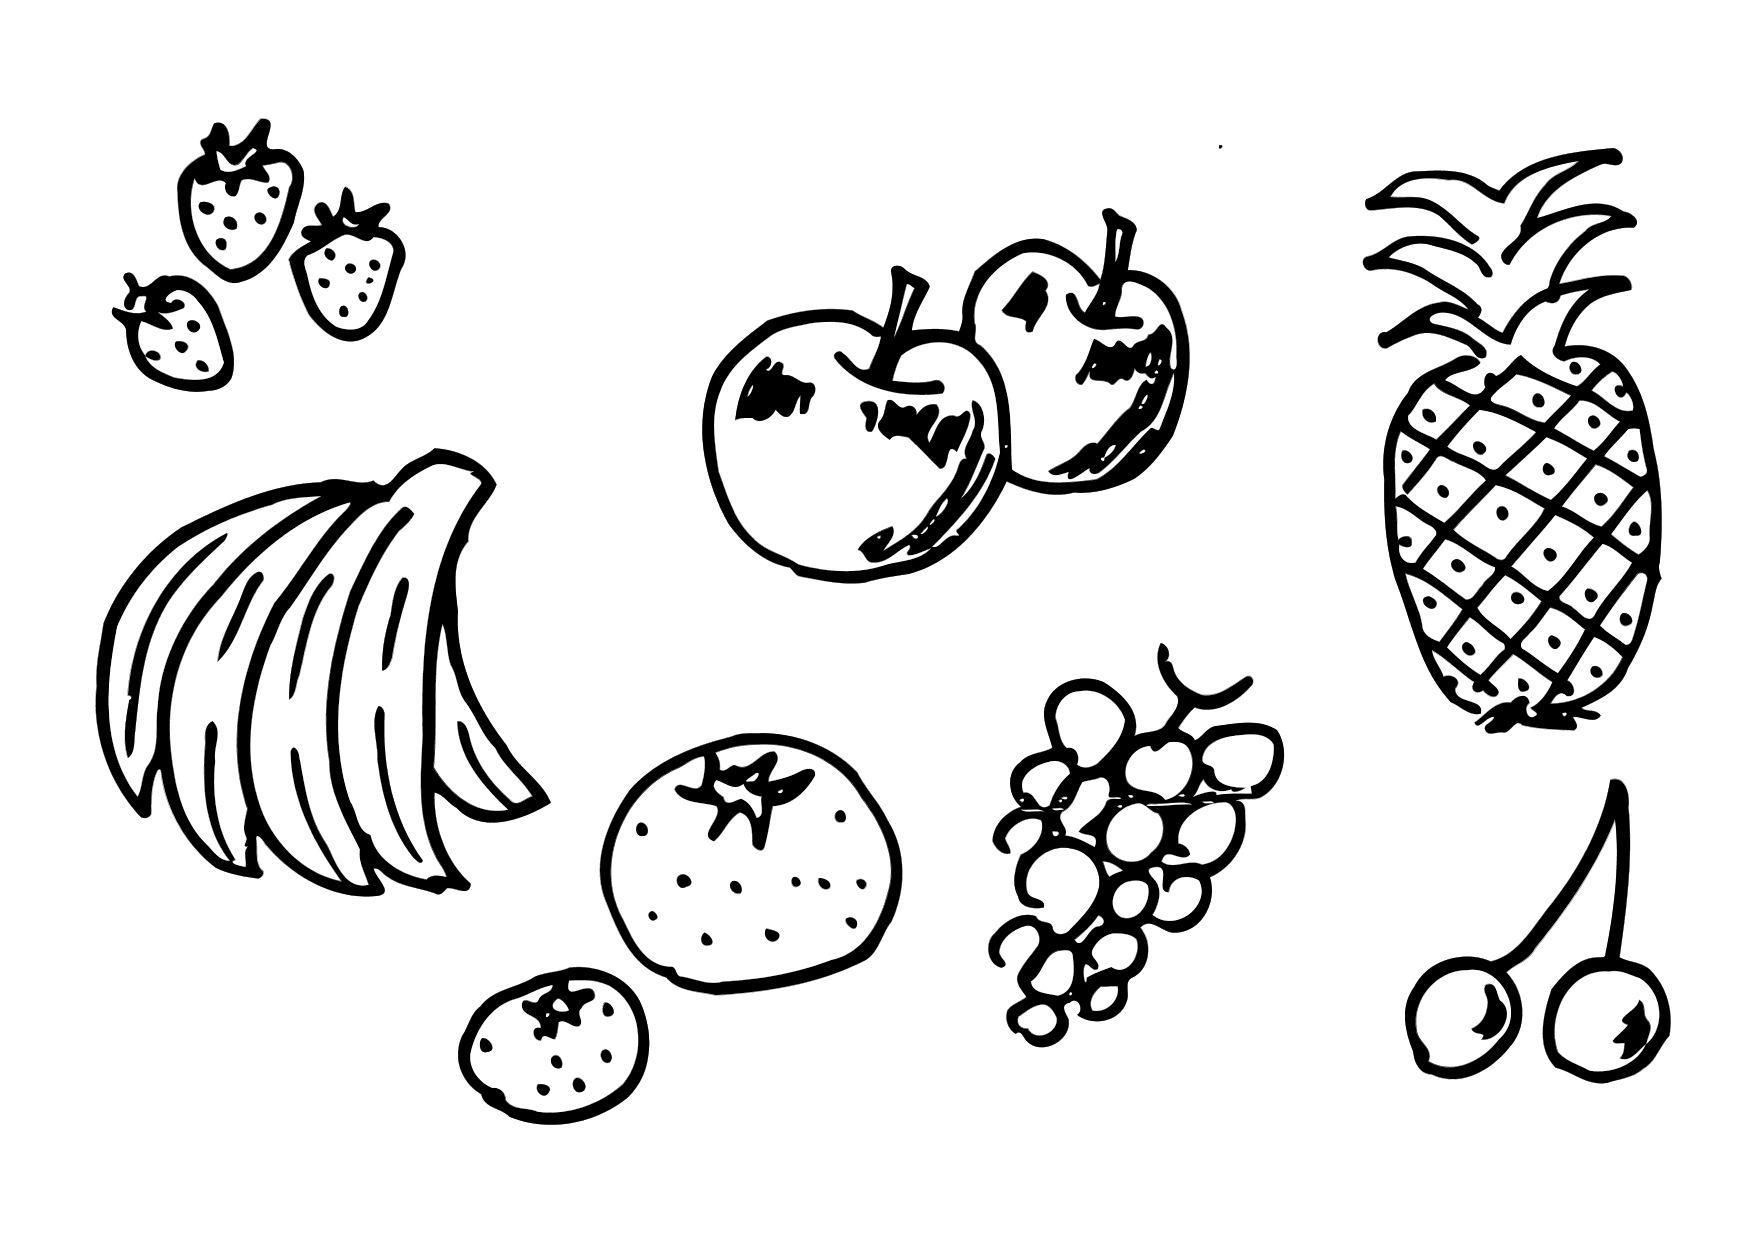 Schön Malvorlagen Für Obst Und Gemüse Bilder - Entry Level Resume ...